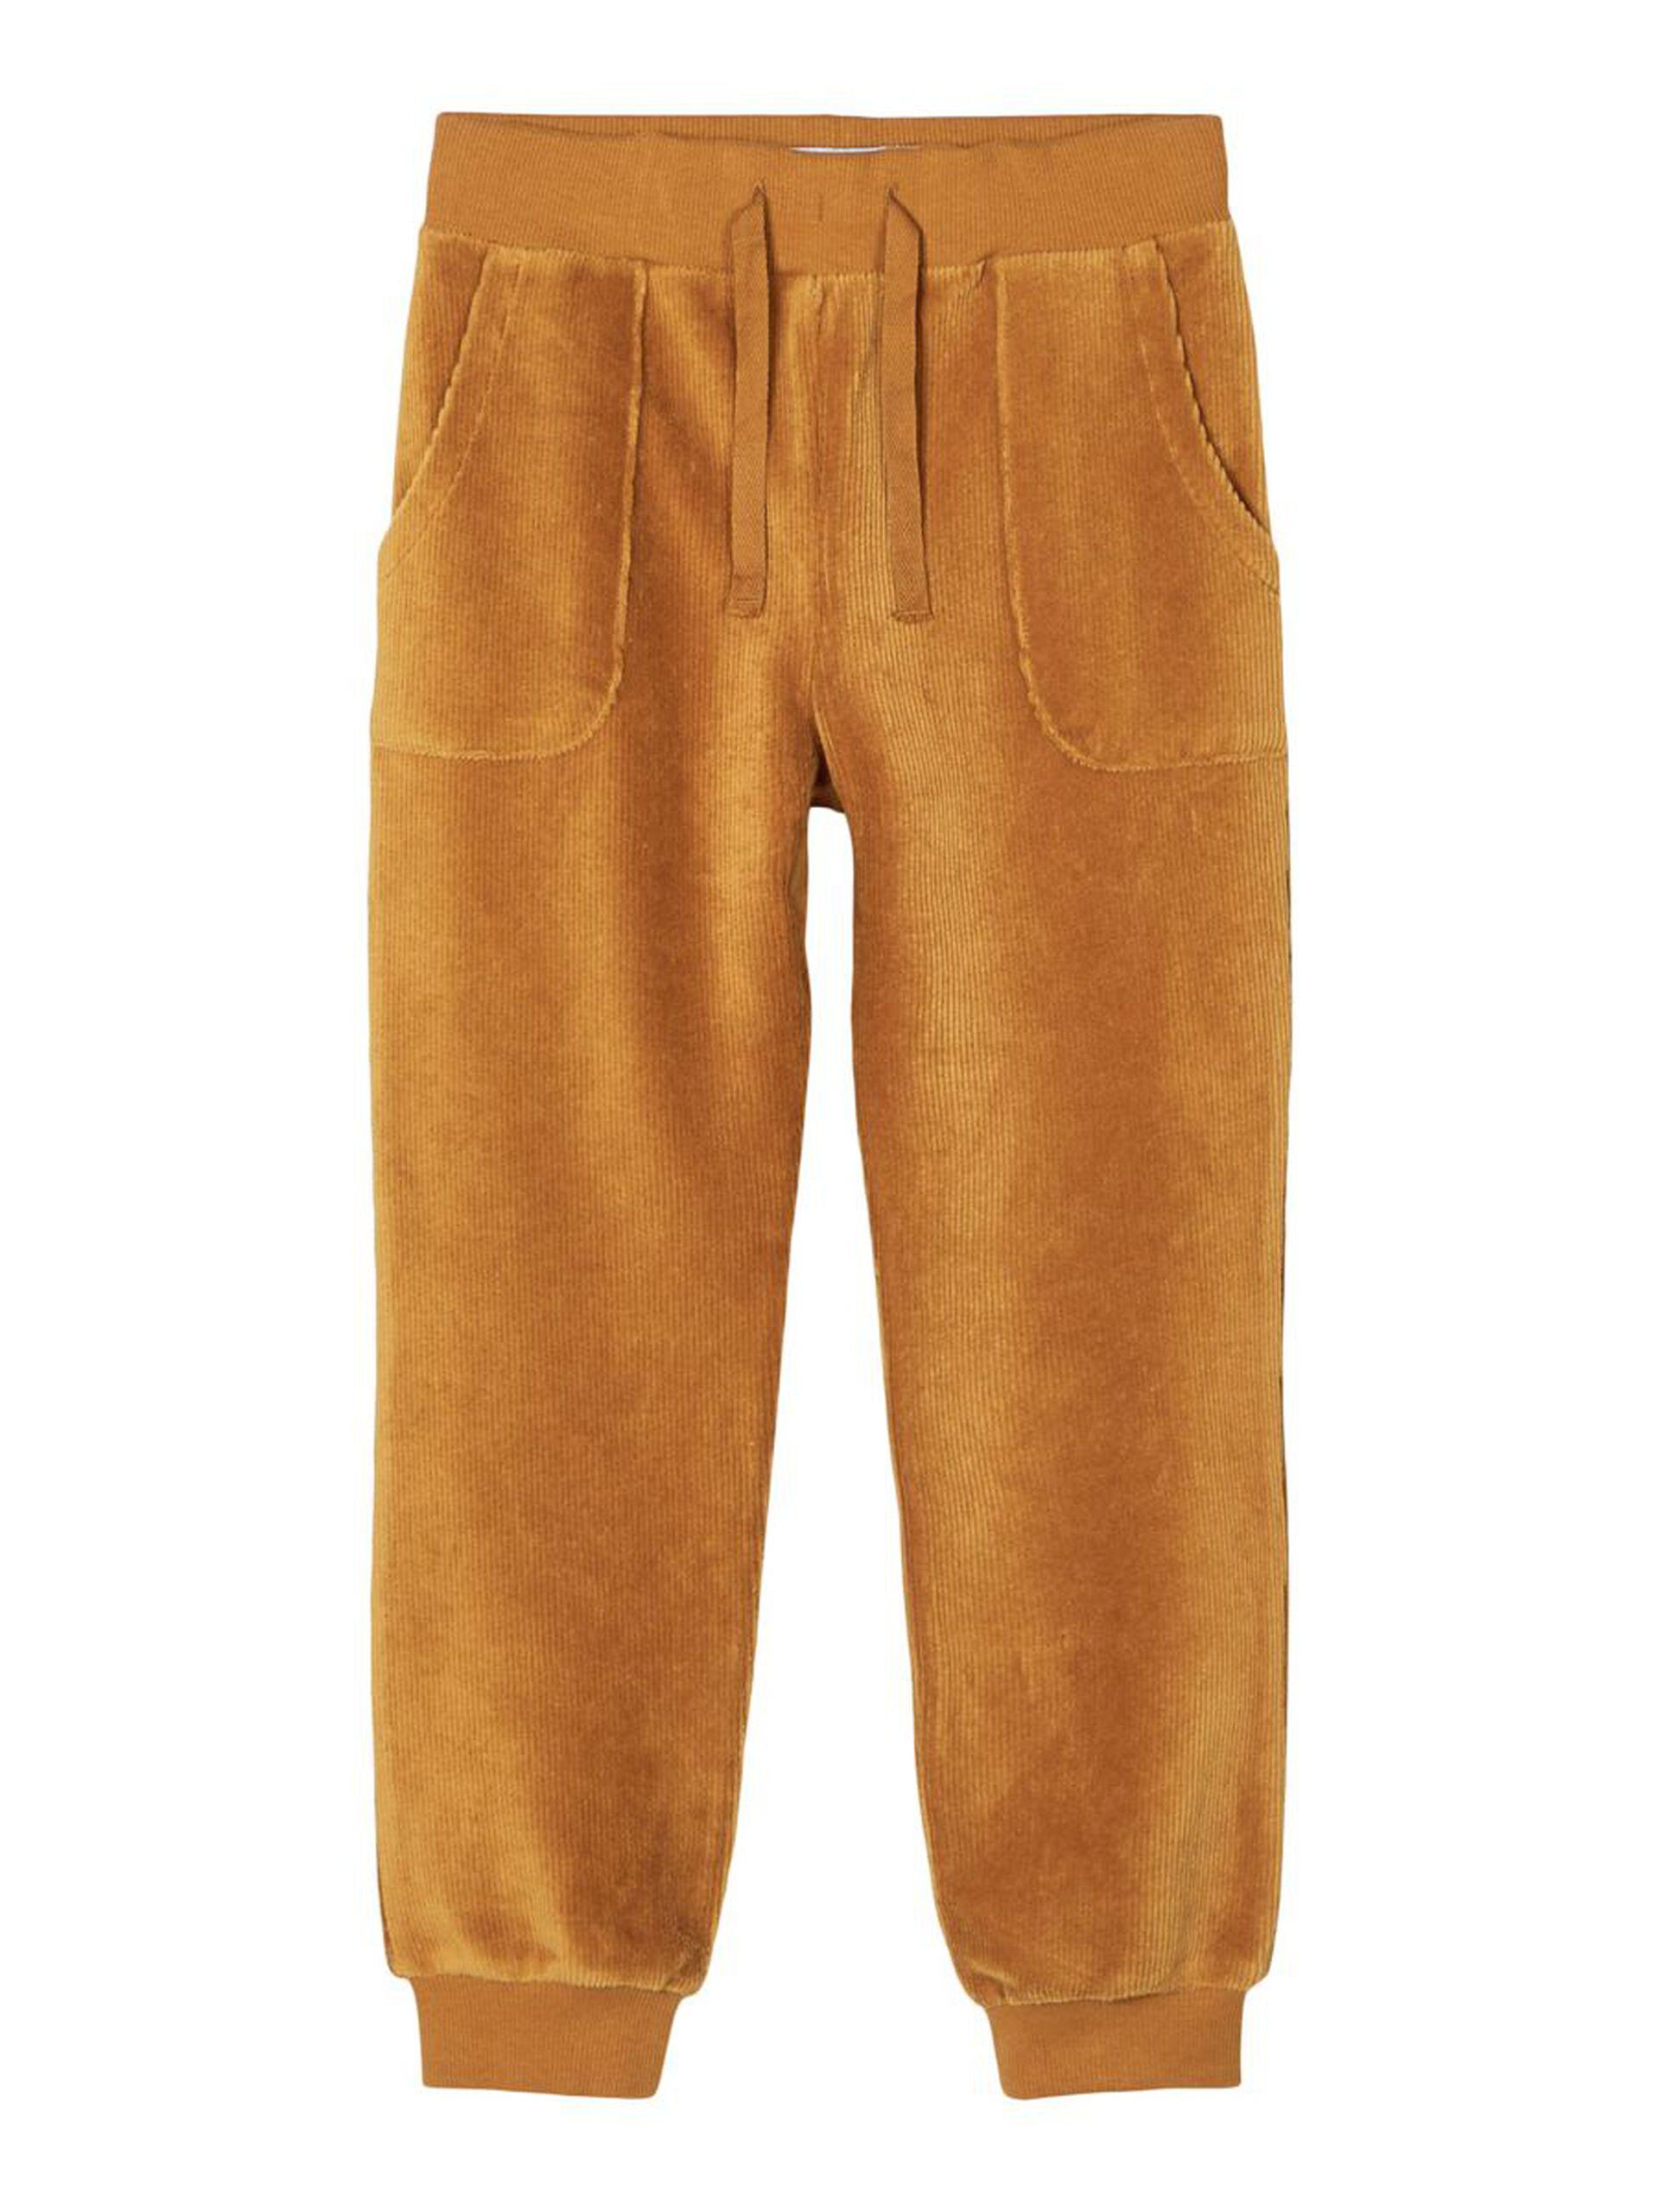 Bukse velur barn – Name It brun velurbukse Ramma – Mio Trend